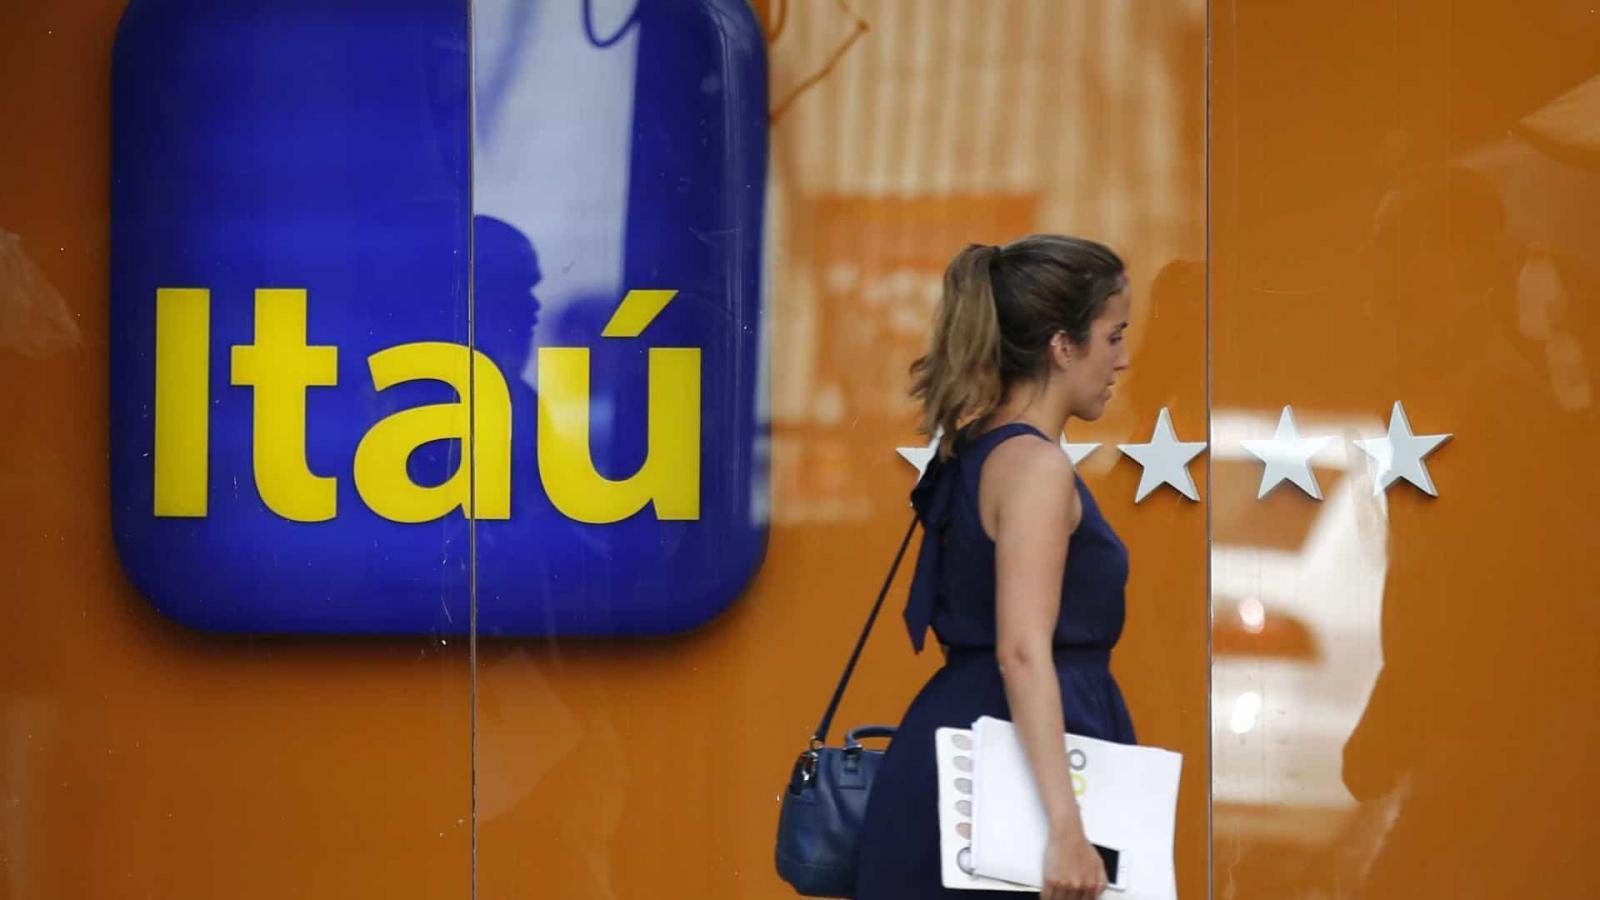 Banco é condenado por encerrar conta unilateralmente e sem comunicação prévia